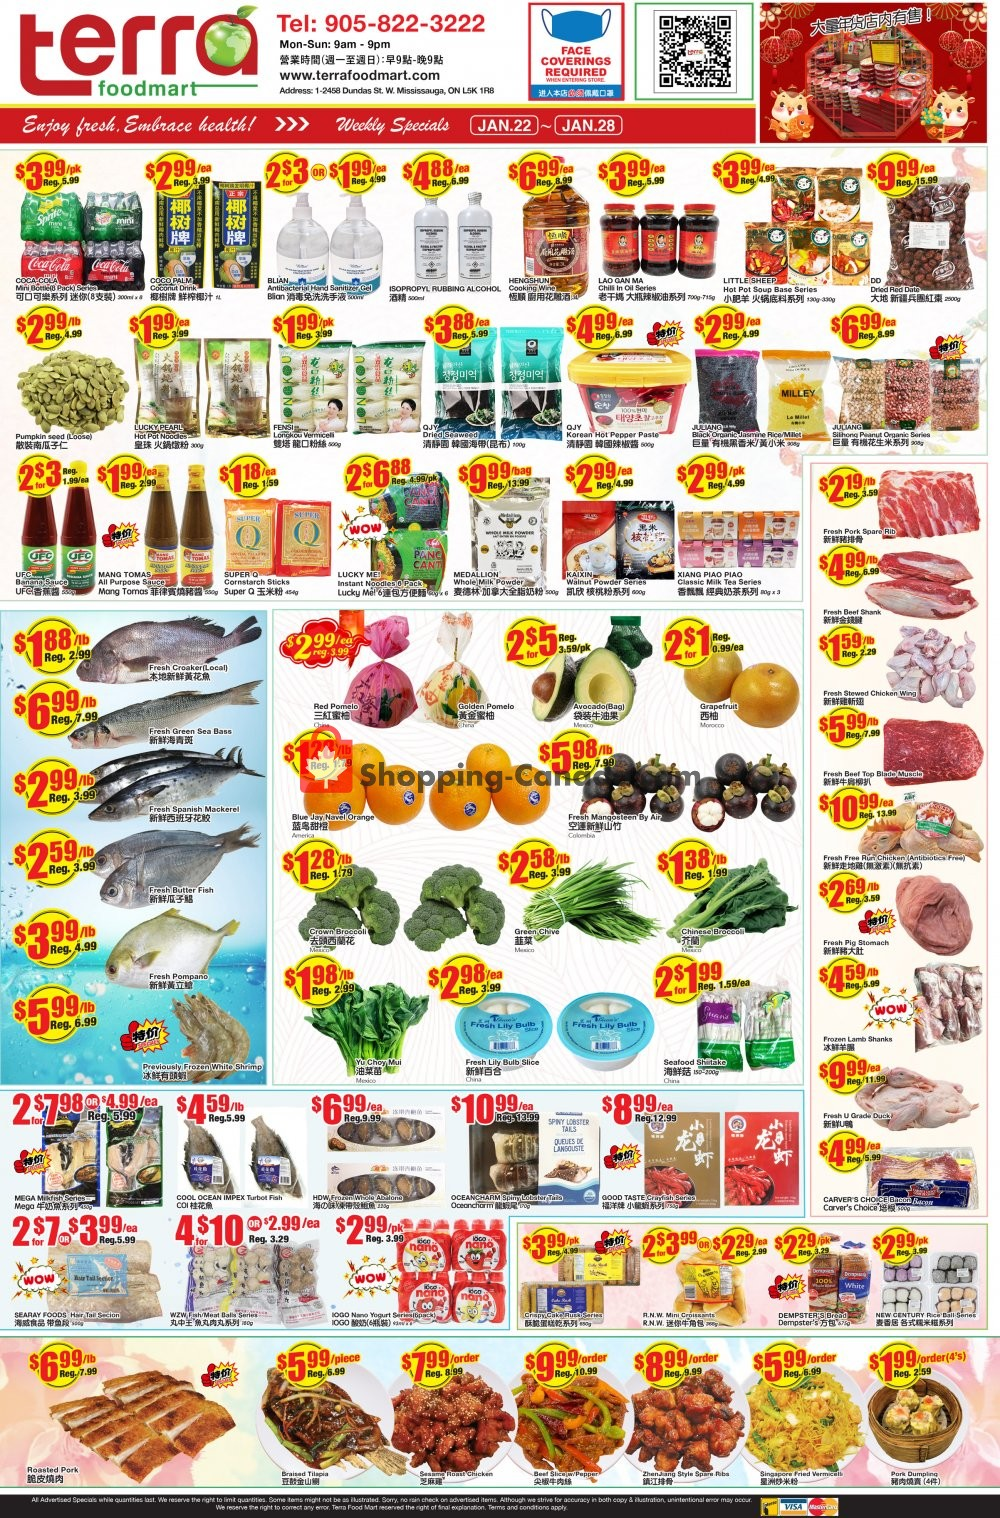 Flyer Terra Foodmart Canada - from Friday January 22, 2021 to Thursday January 28, 2021